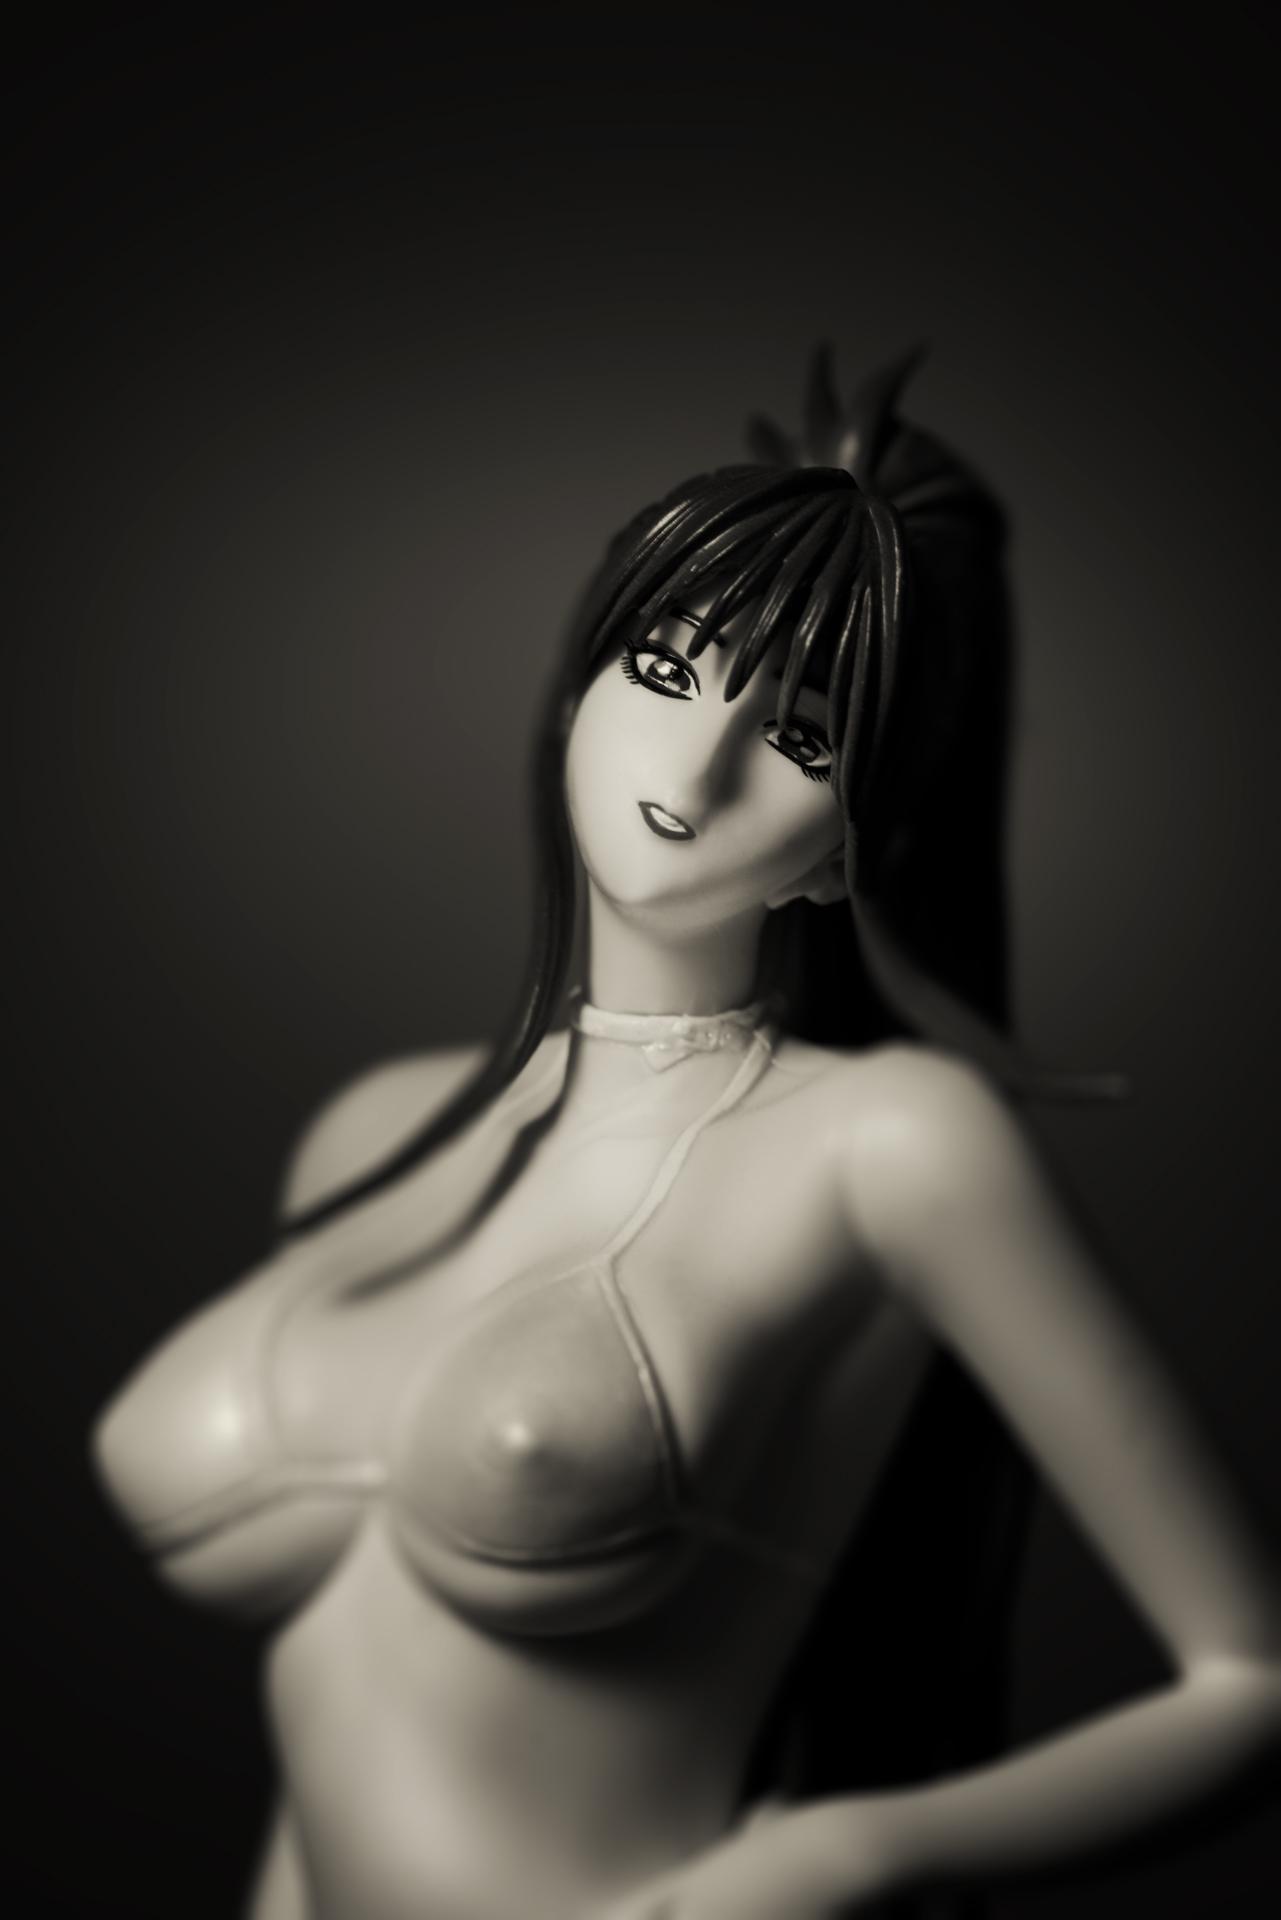 fo_manga - portrait #7